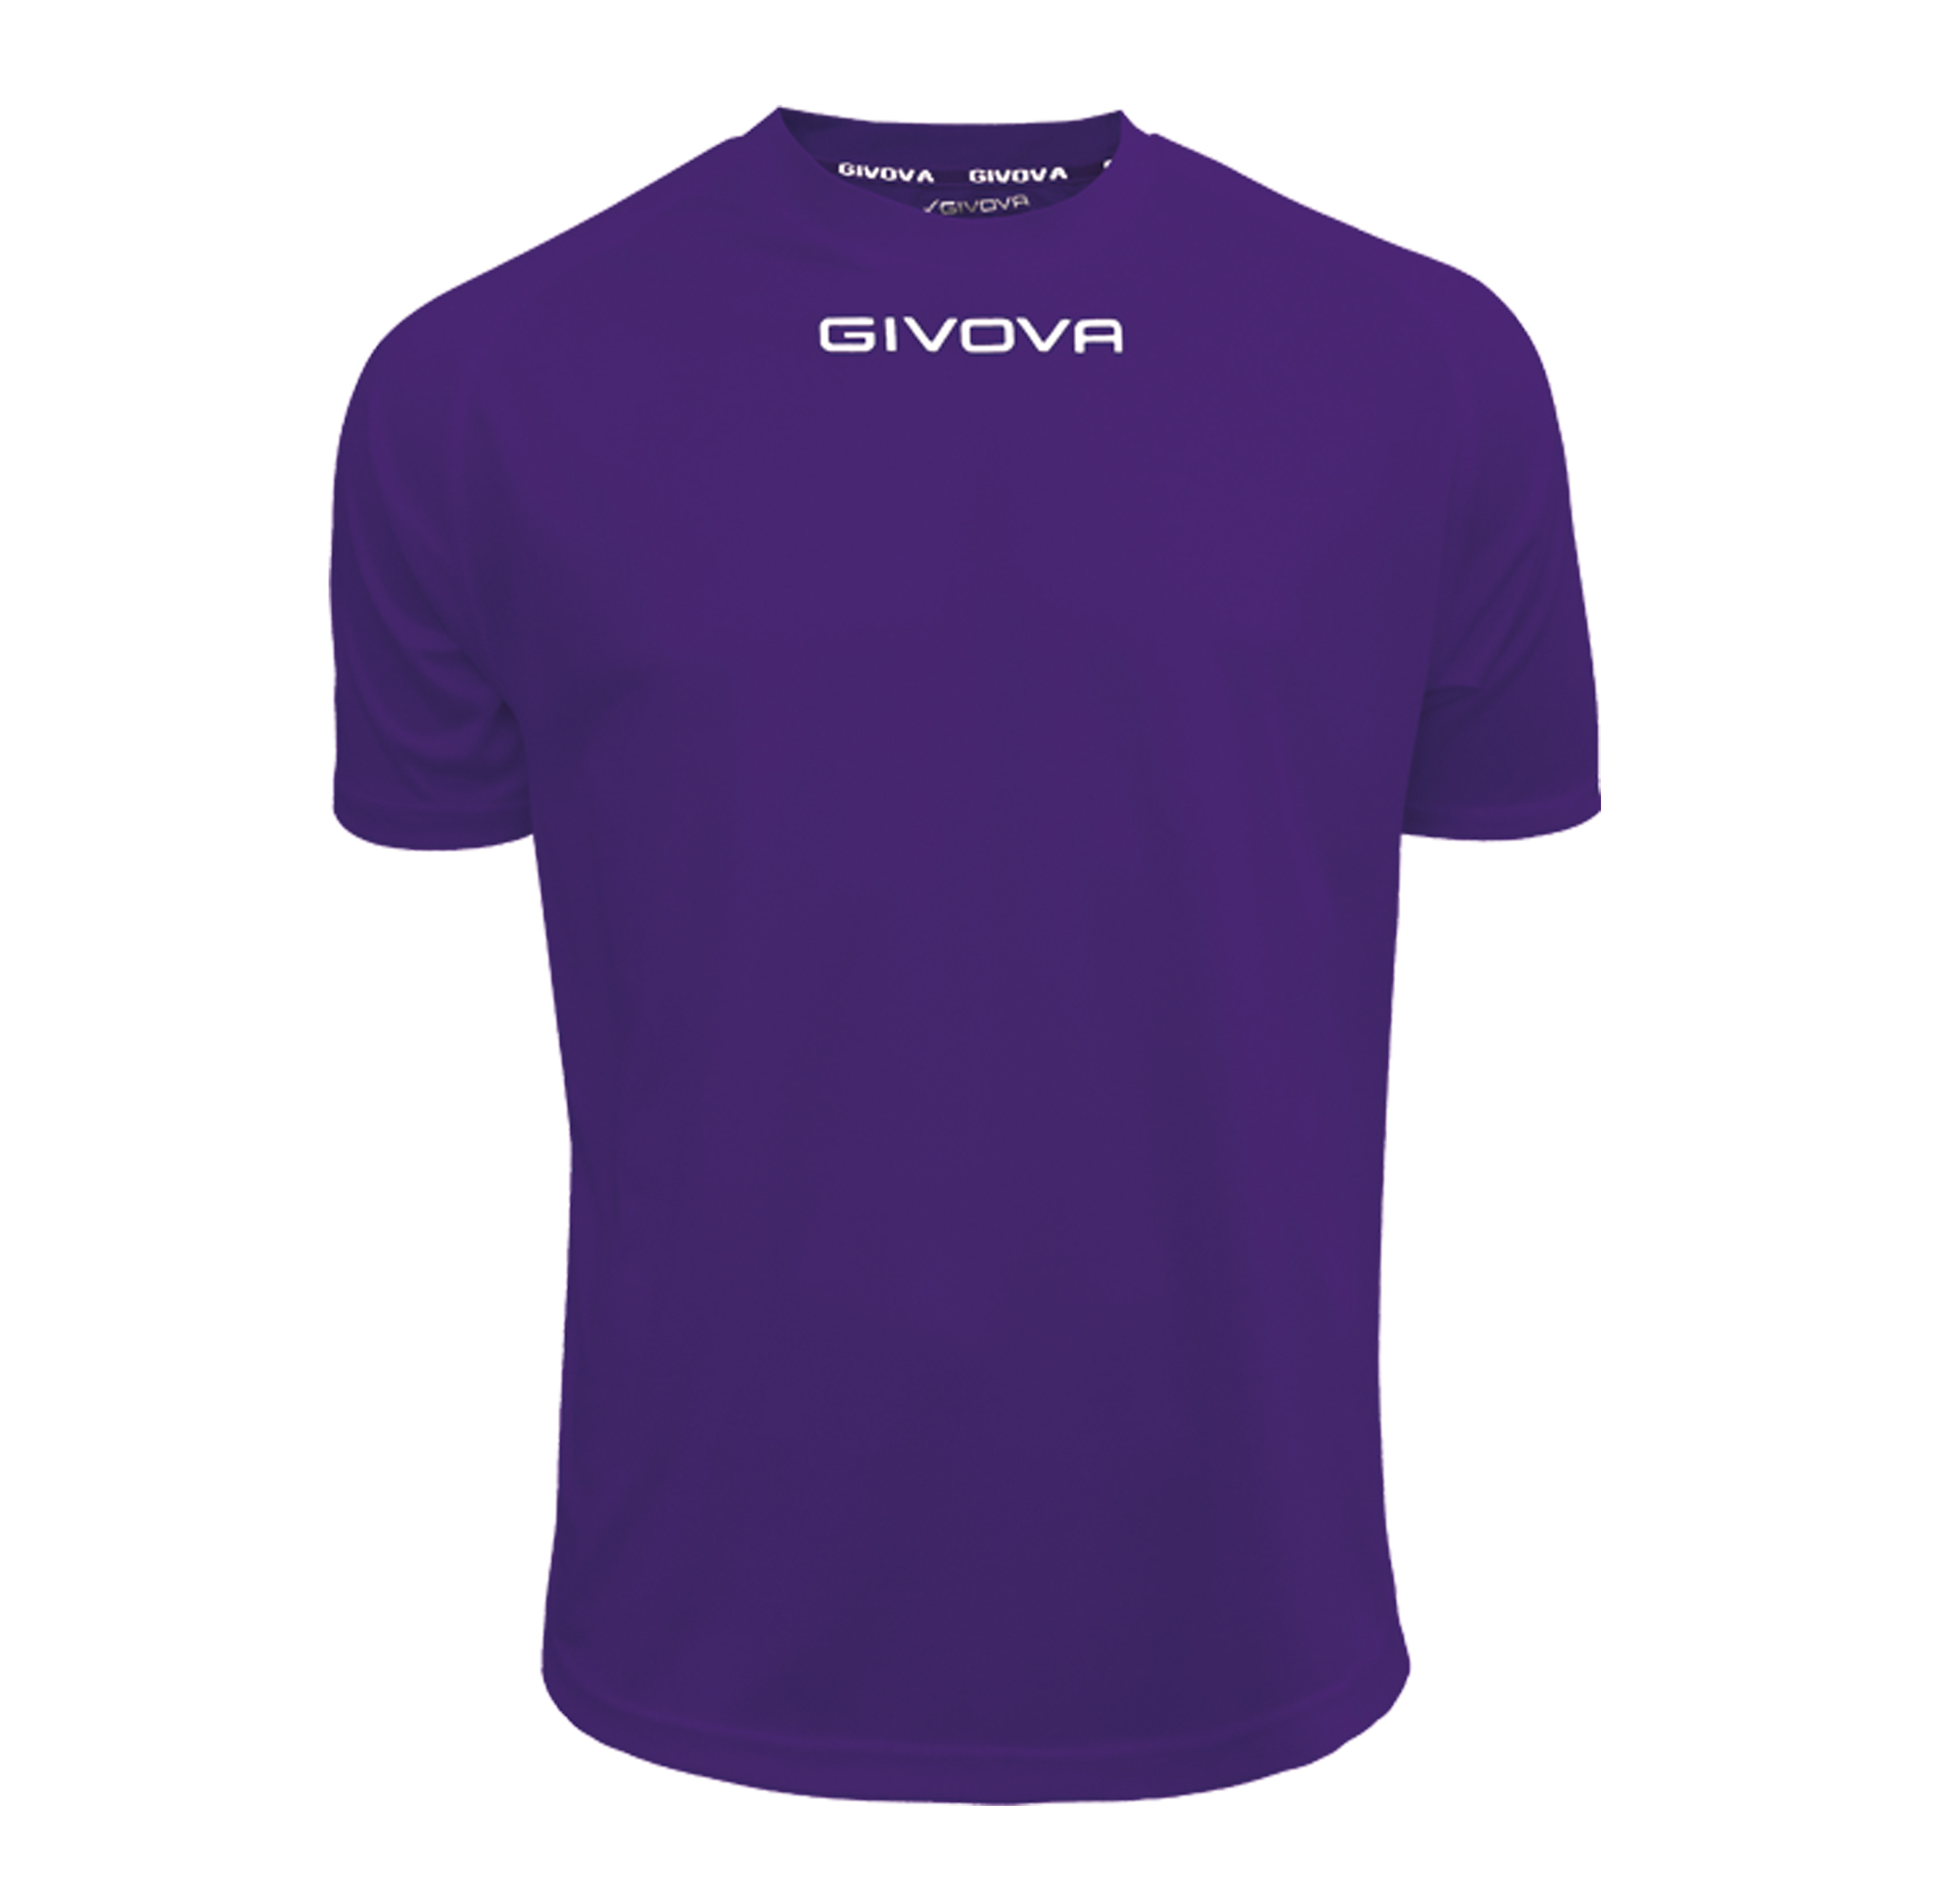 Φανέλα  Givova One MAC01 Polyester 100%